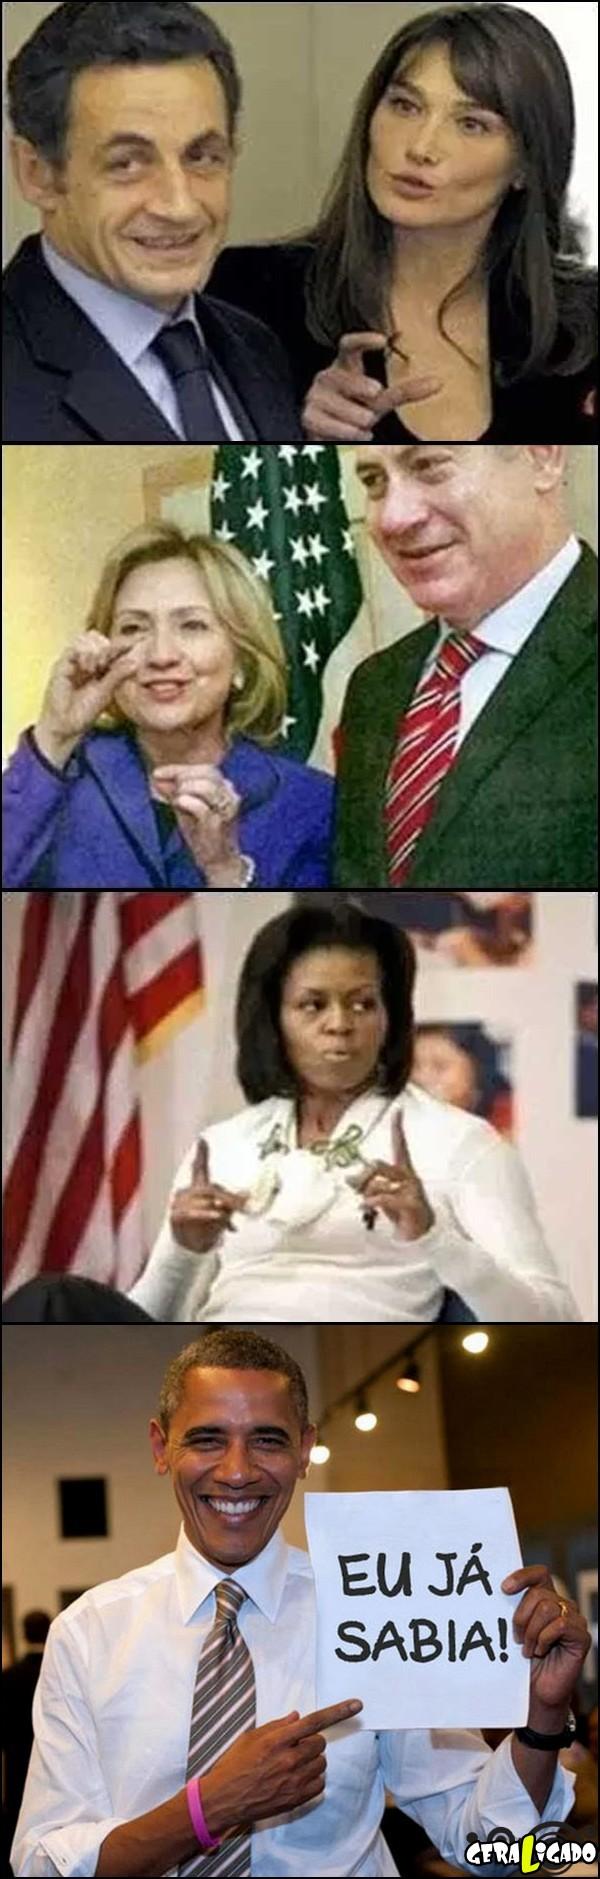 Qual o tamanho do pipiu dos presidentes segundo as esposas